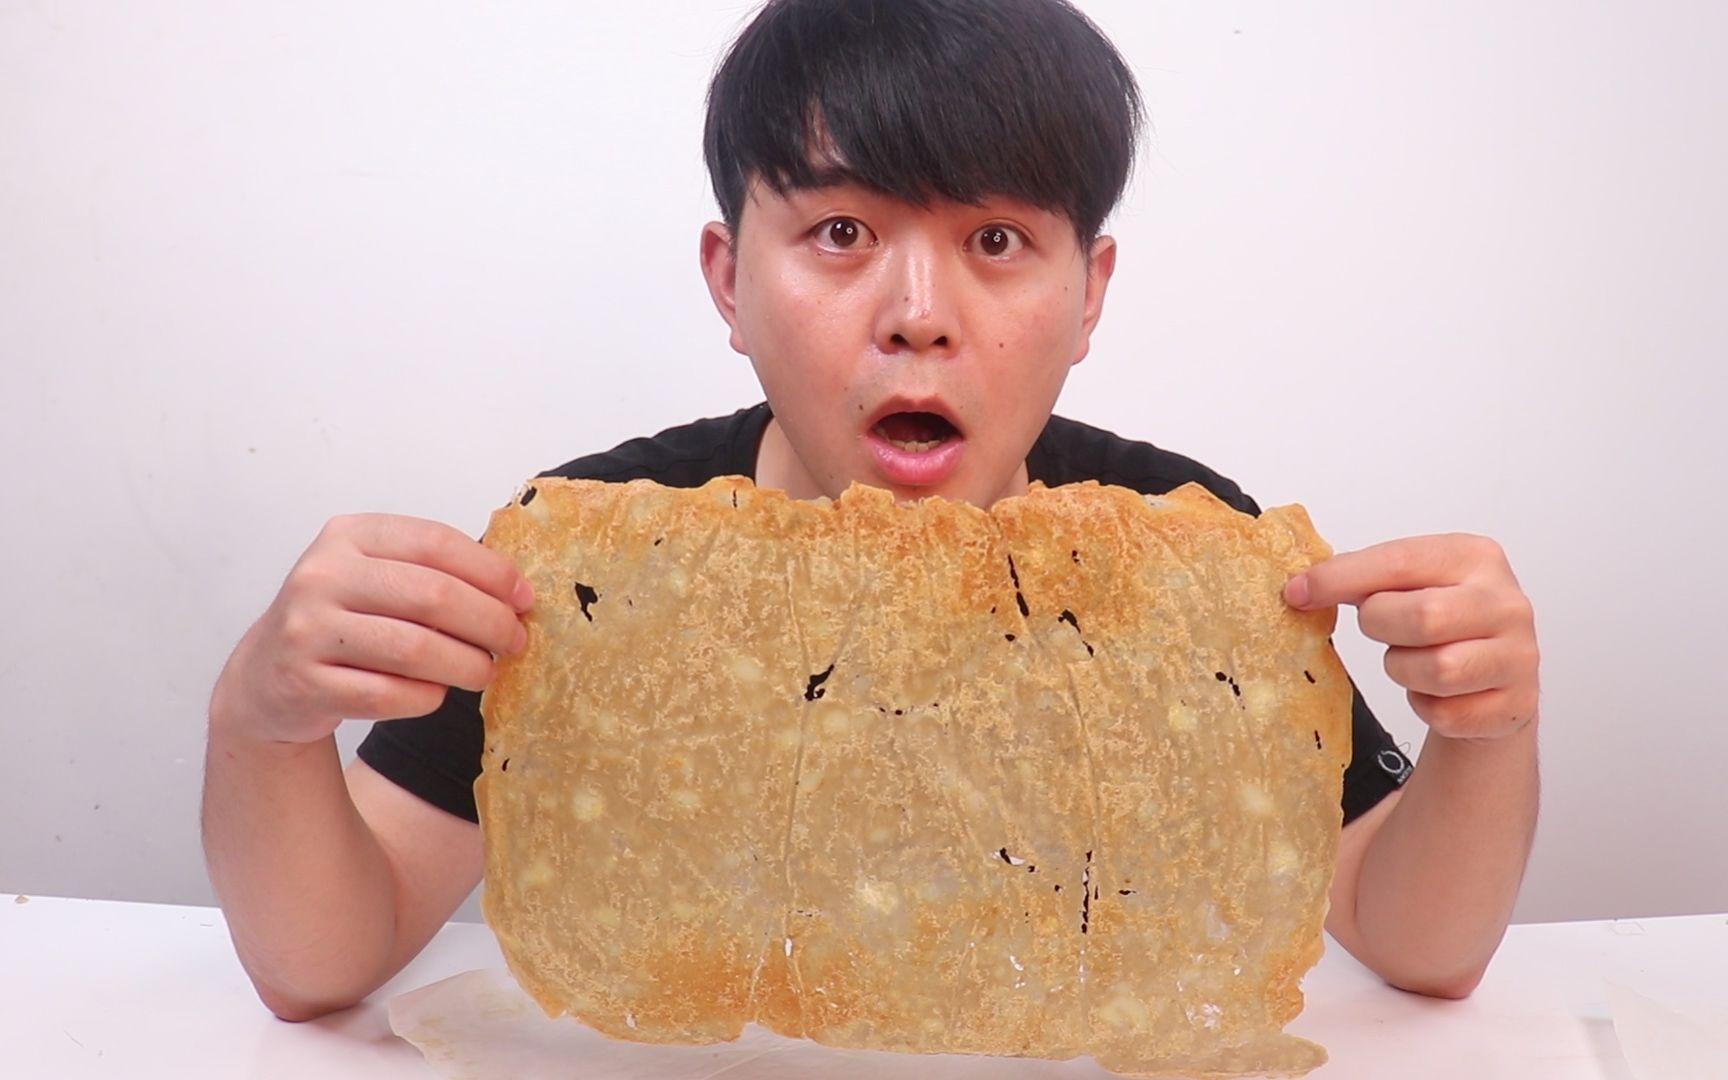 尝试制作一个超大薯片